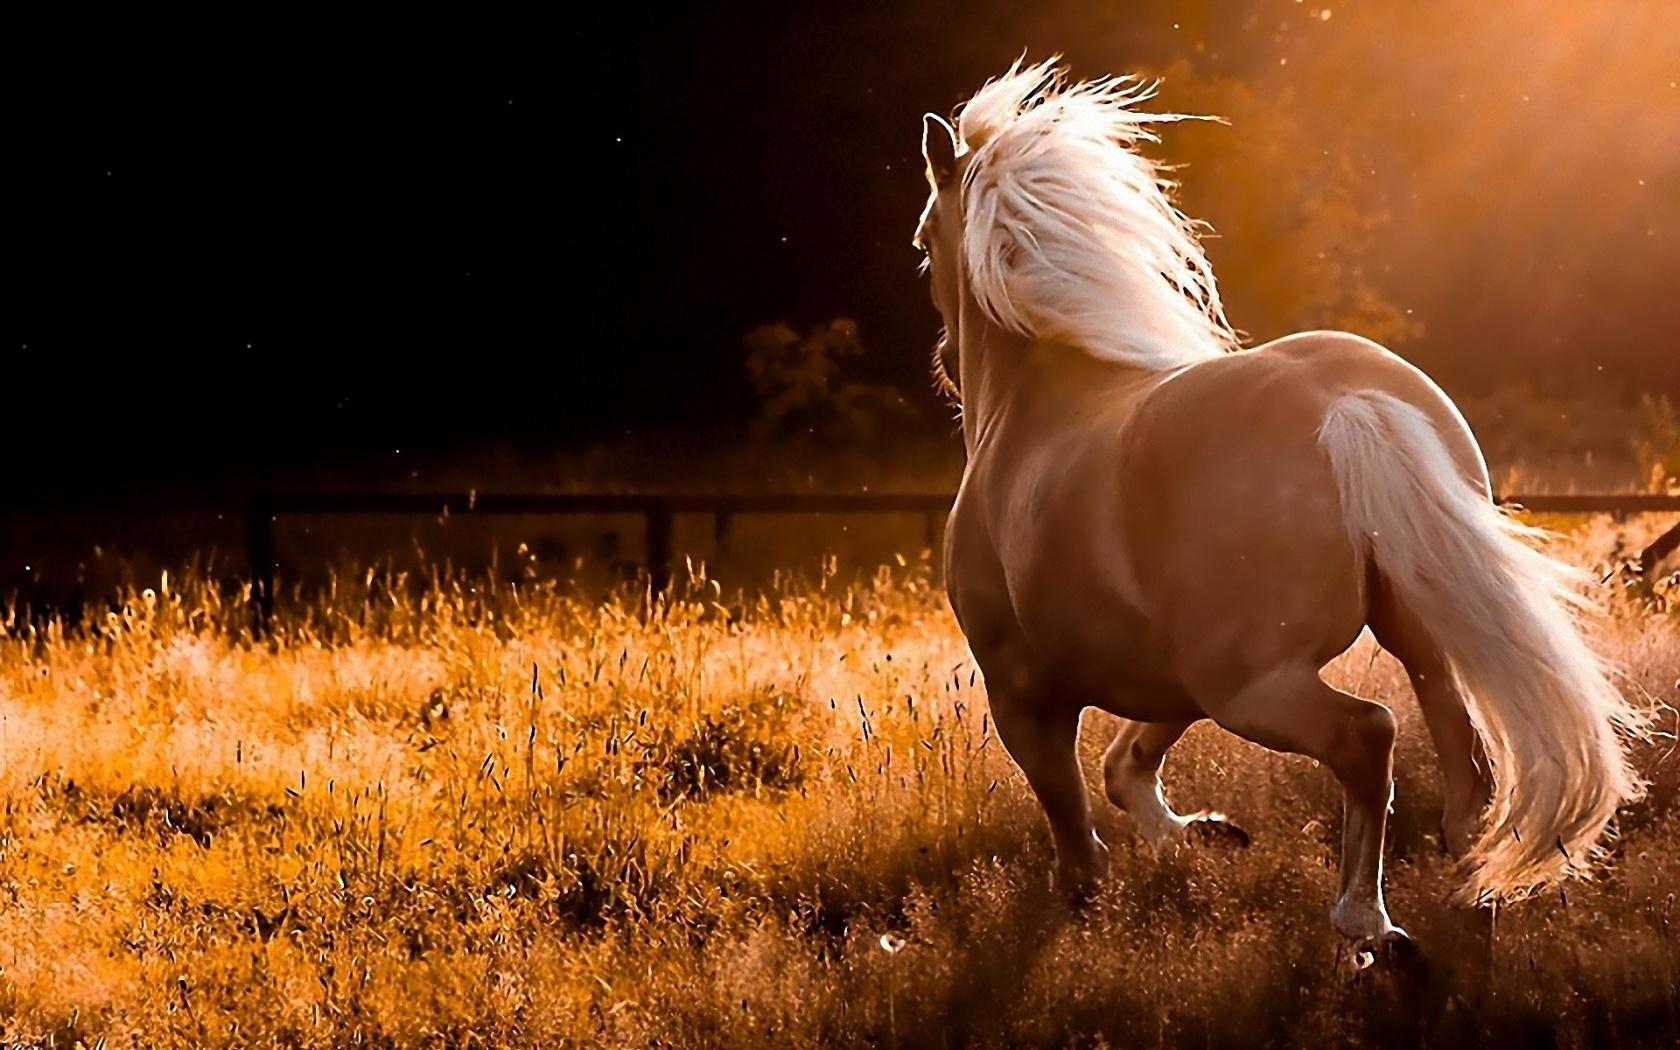 Hd wallpaper horse - Wild Horse Widescreen Wallpaper 1680x1050